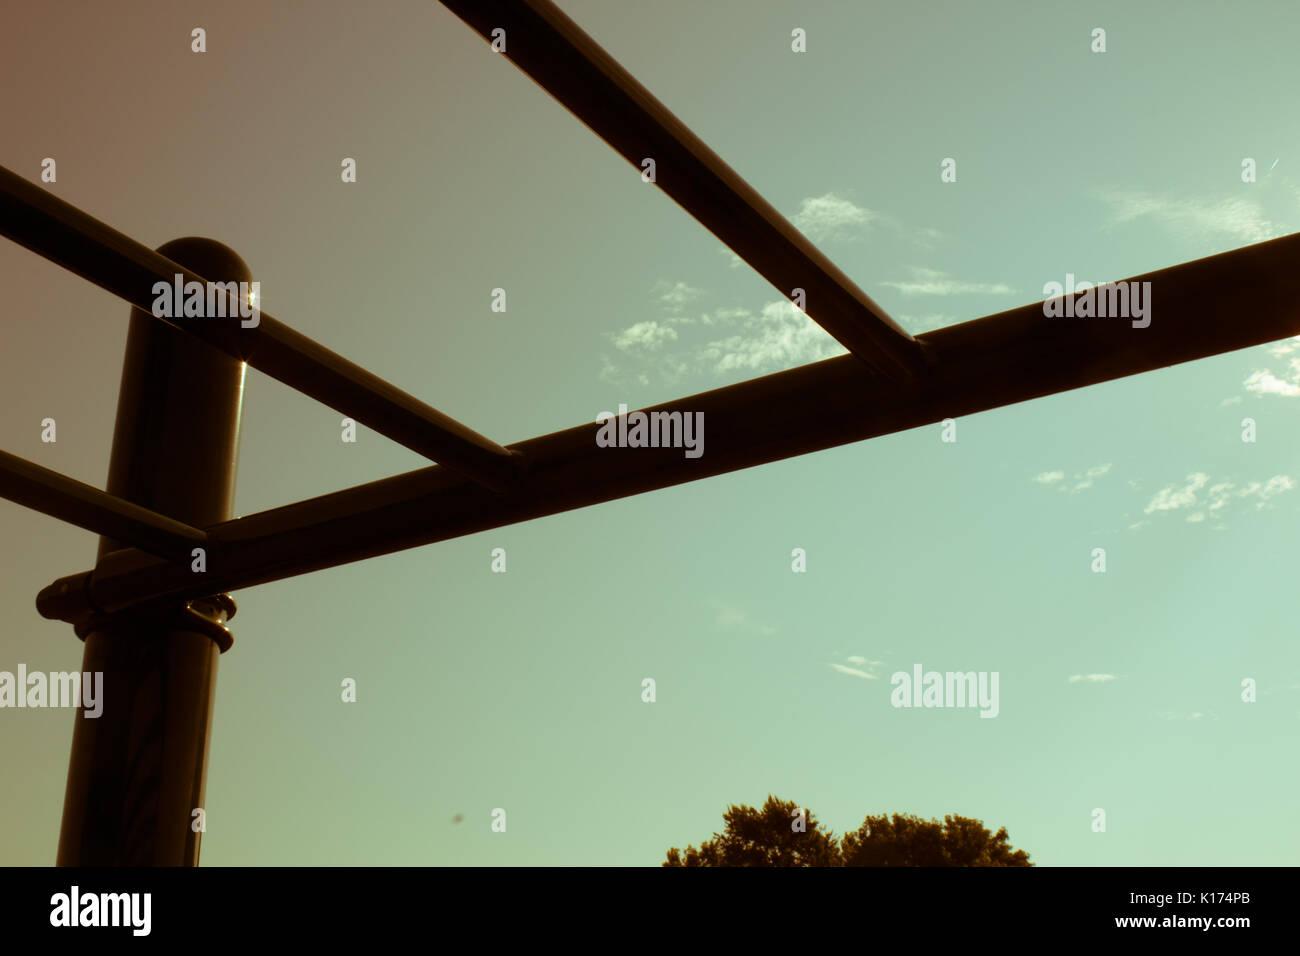 Monkey Bars - Stock Image